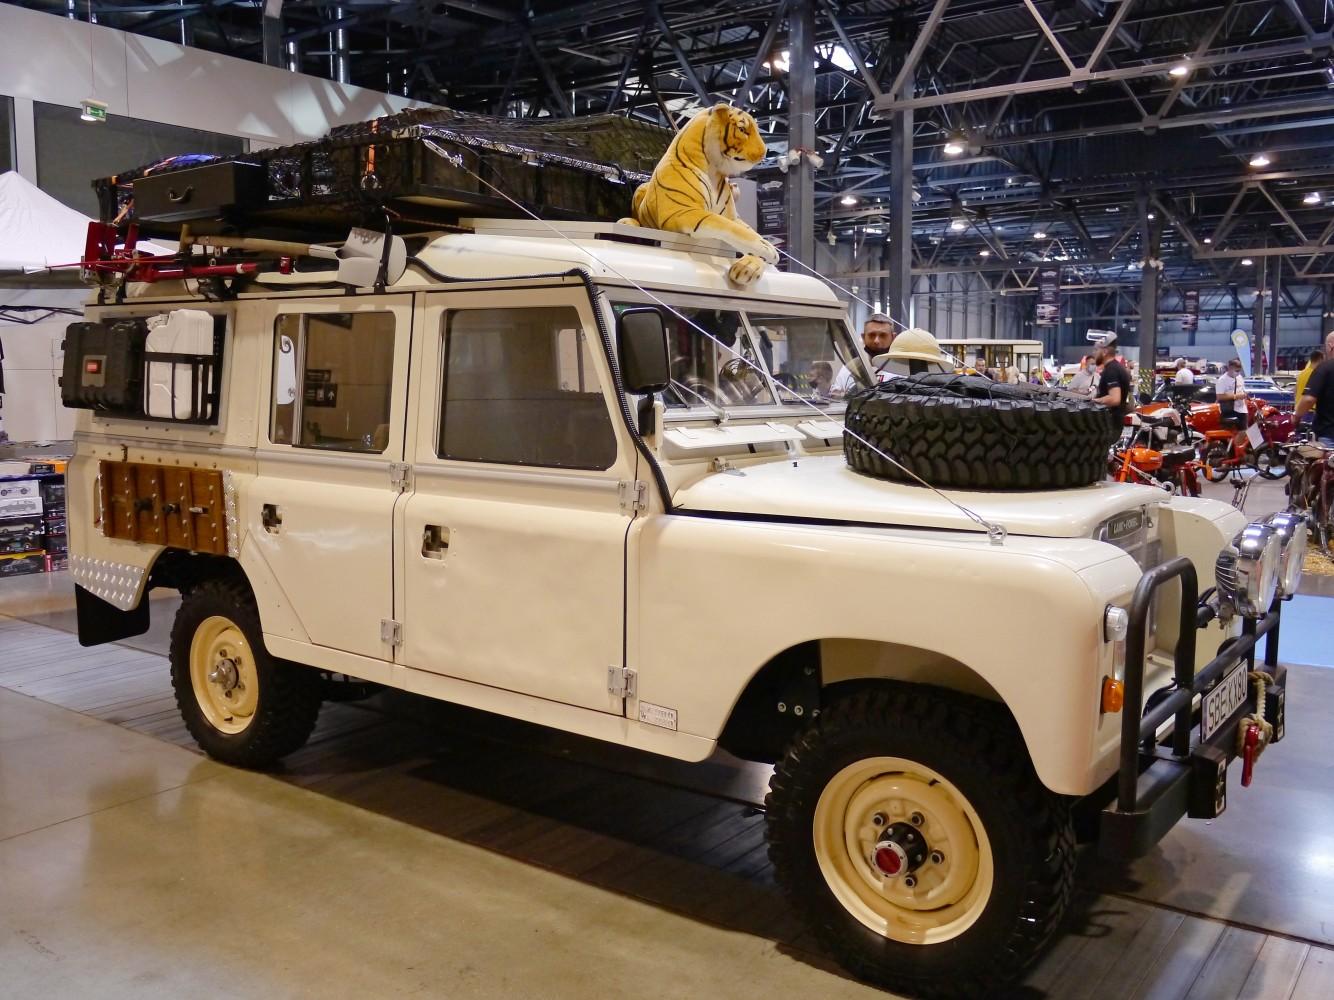 Kliknij obrazek, aby uzyskać większą wersję  Nazwa:Land Rover Santana.jpg Wyświetleń:48 Rozmiar:326,3 KB ID:232806